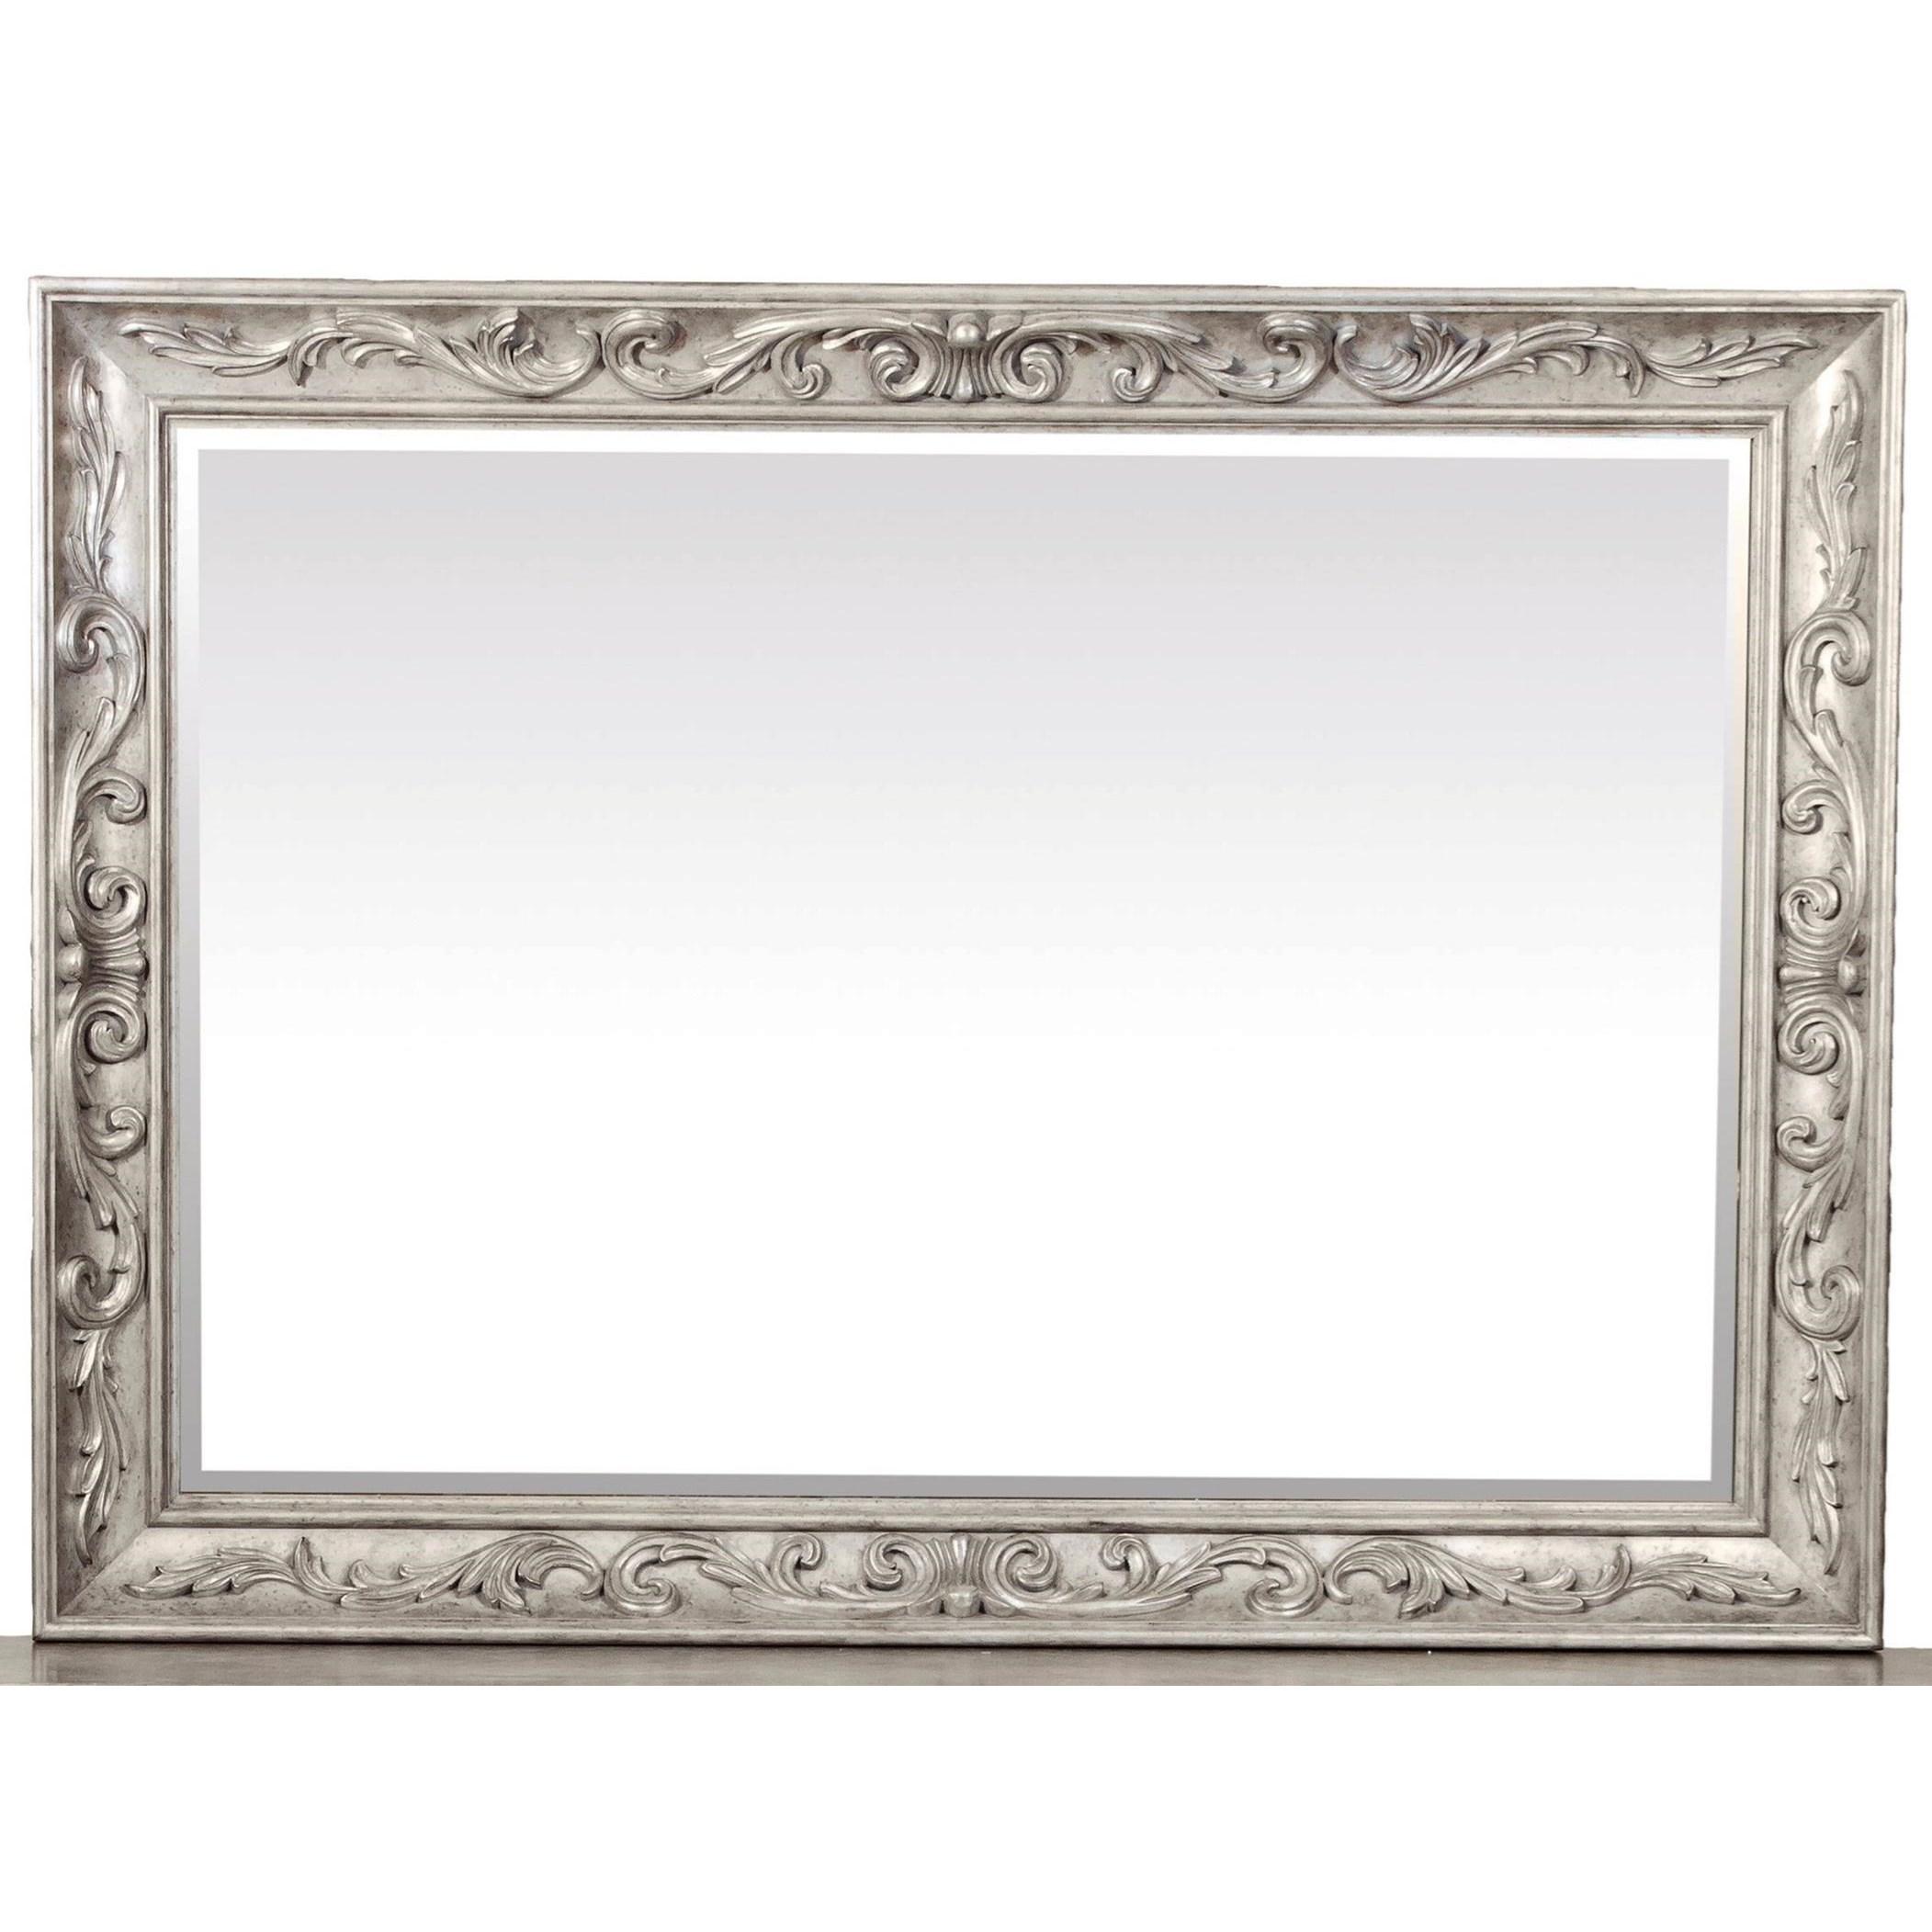 Rhianna Landscape Mirror